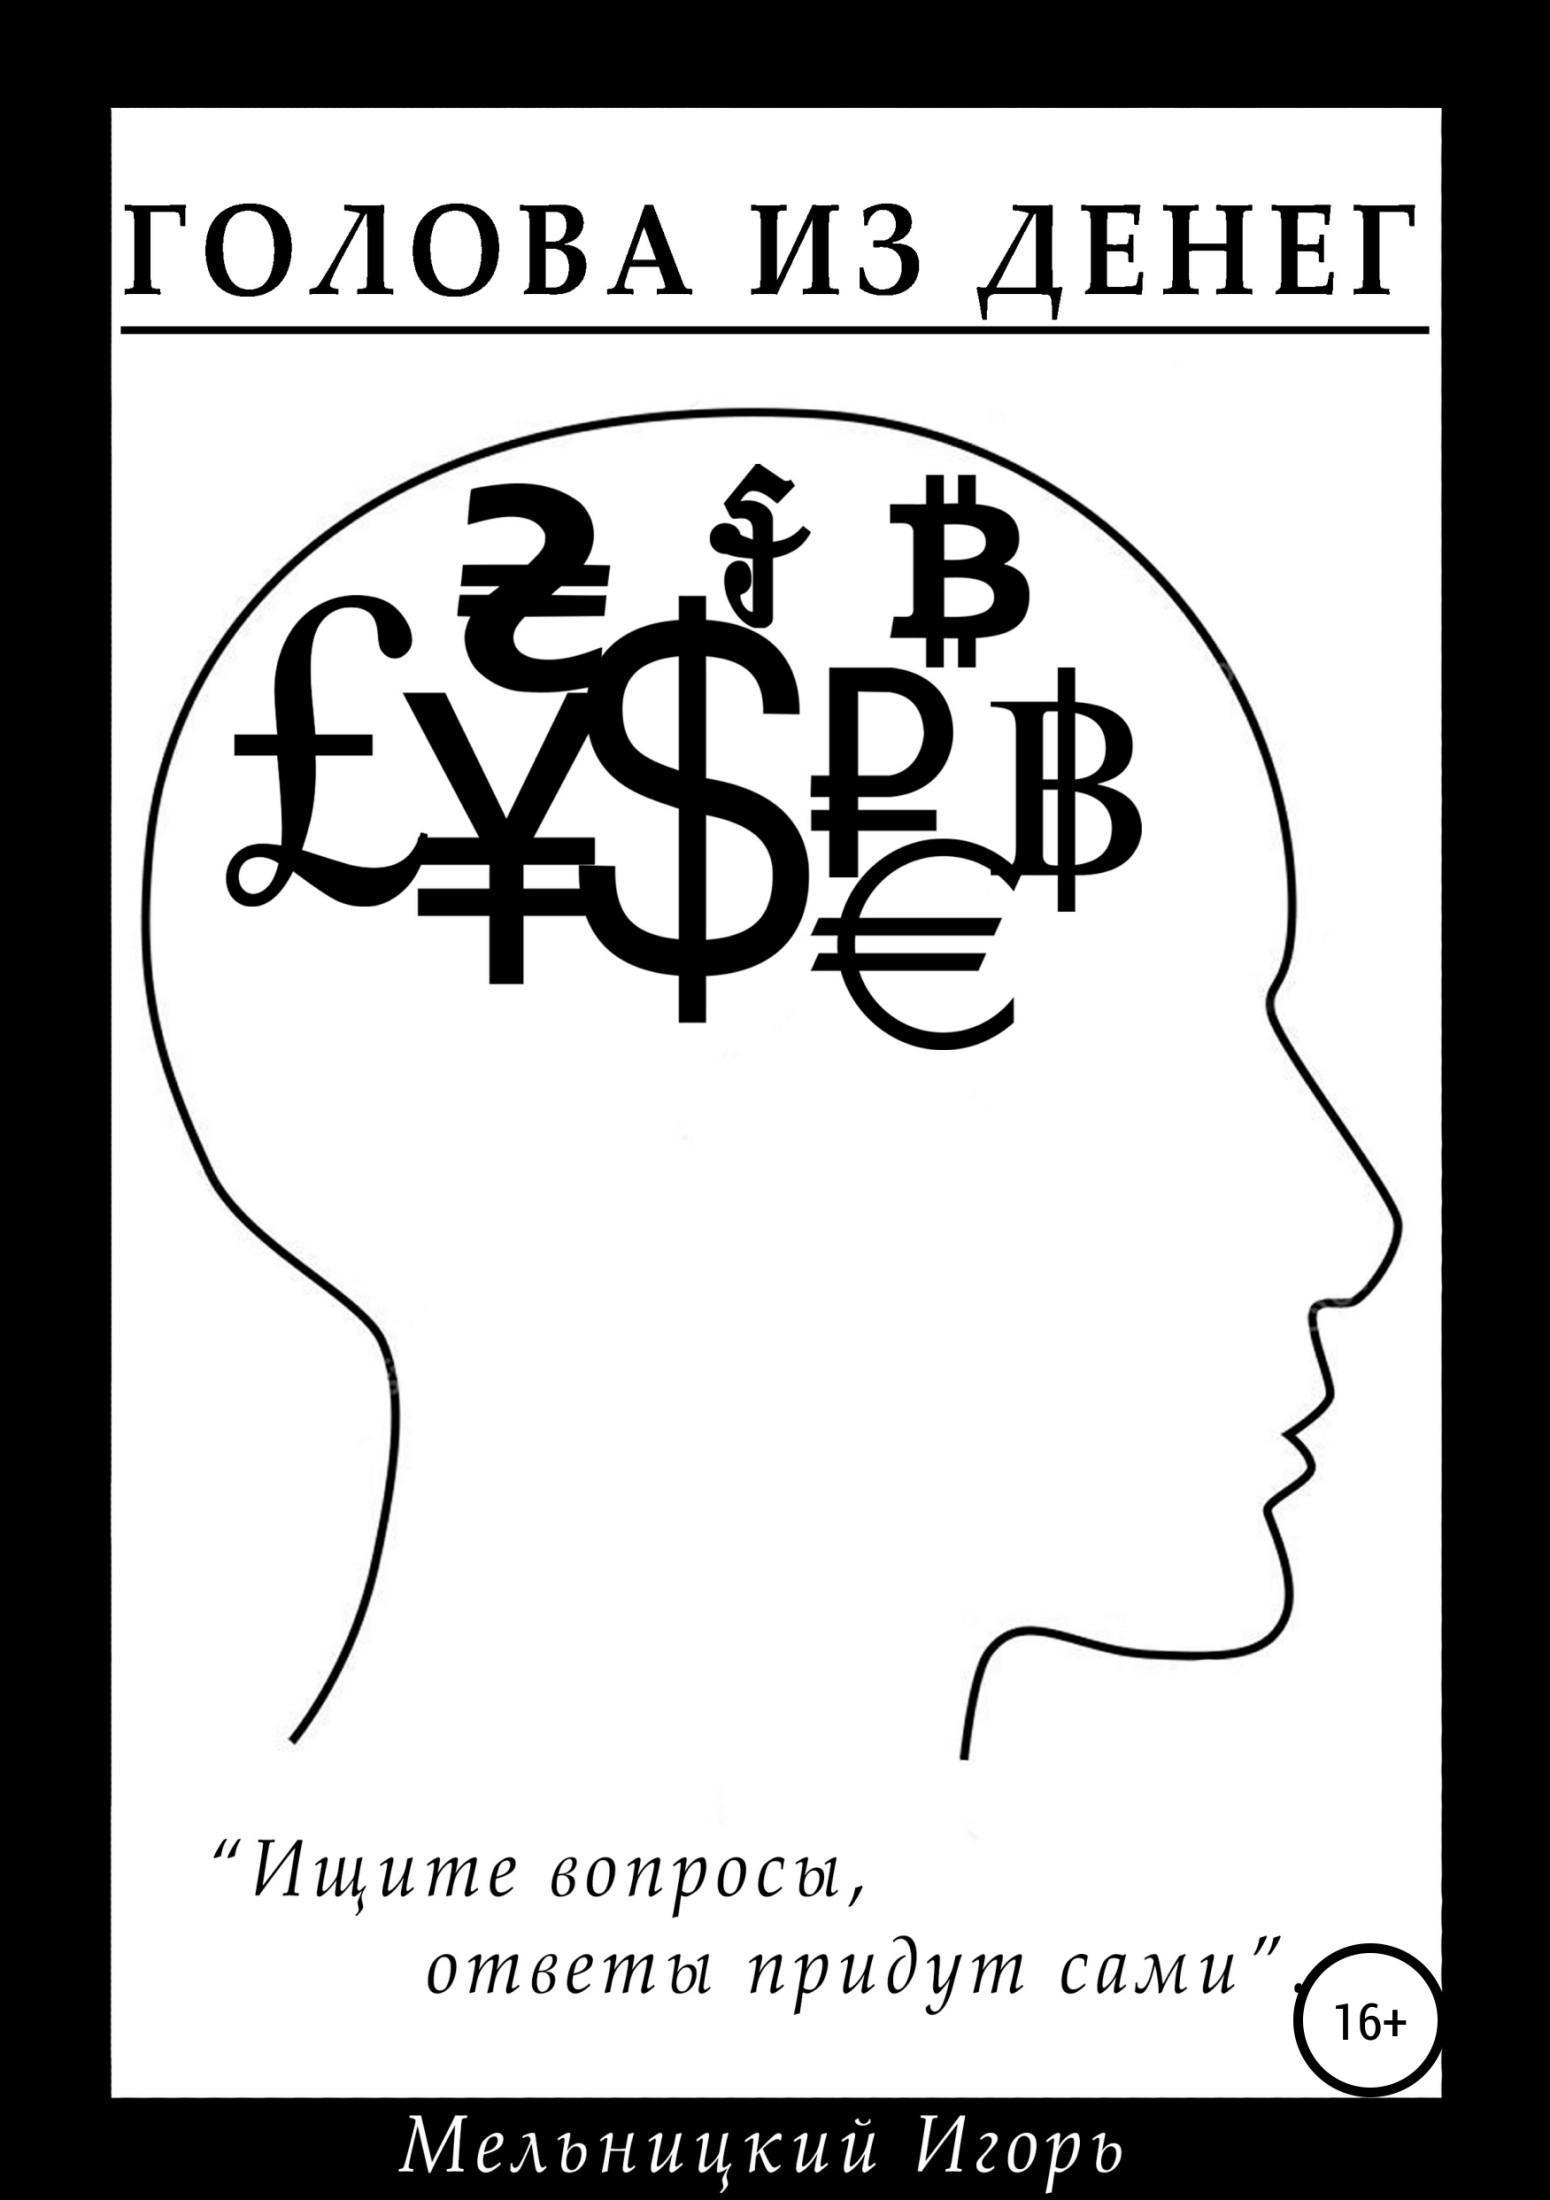 Обложка книги. Автор - Игорь Мельницкий